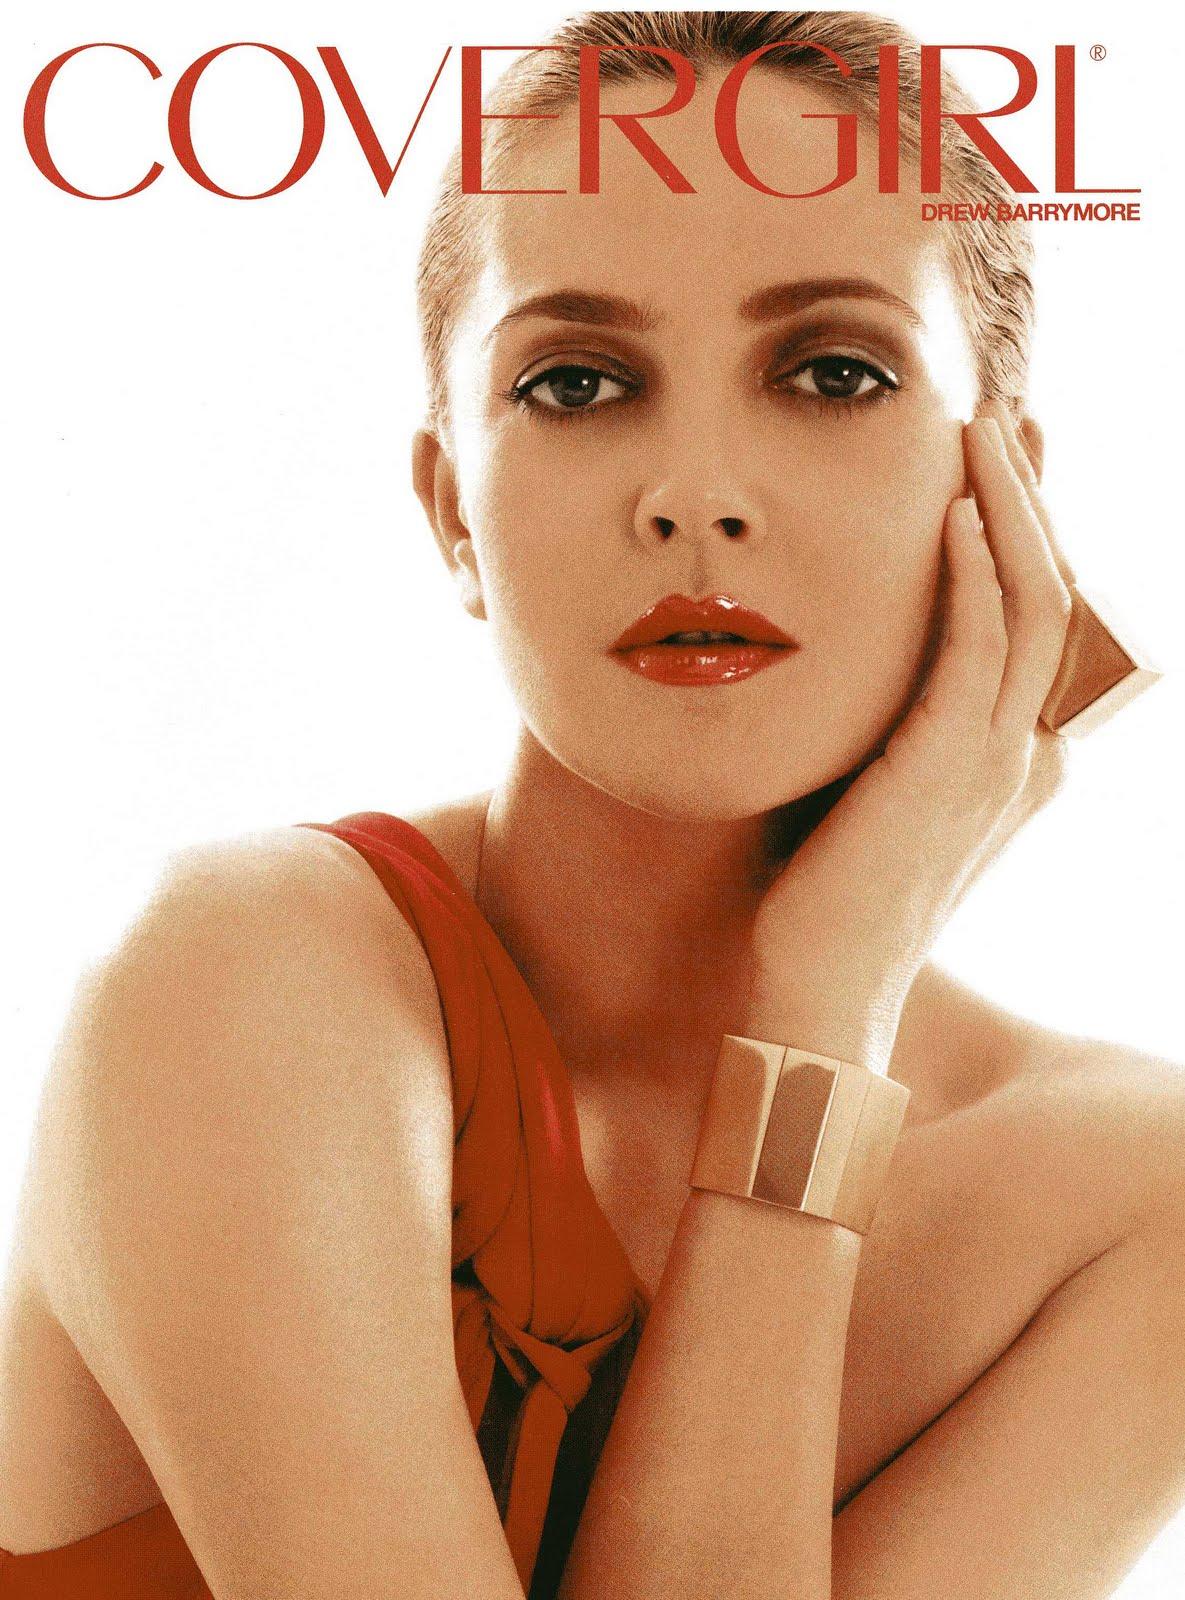 http://3.bp.blogspot.com/_gSS1qVS2Bn8/S-6jr-ezL8I/AAAAAAAAAVo/vN0ihdZpkWI/s1600/Actresses013.jpg